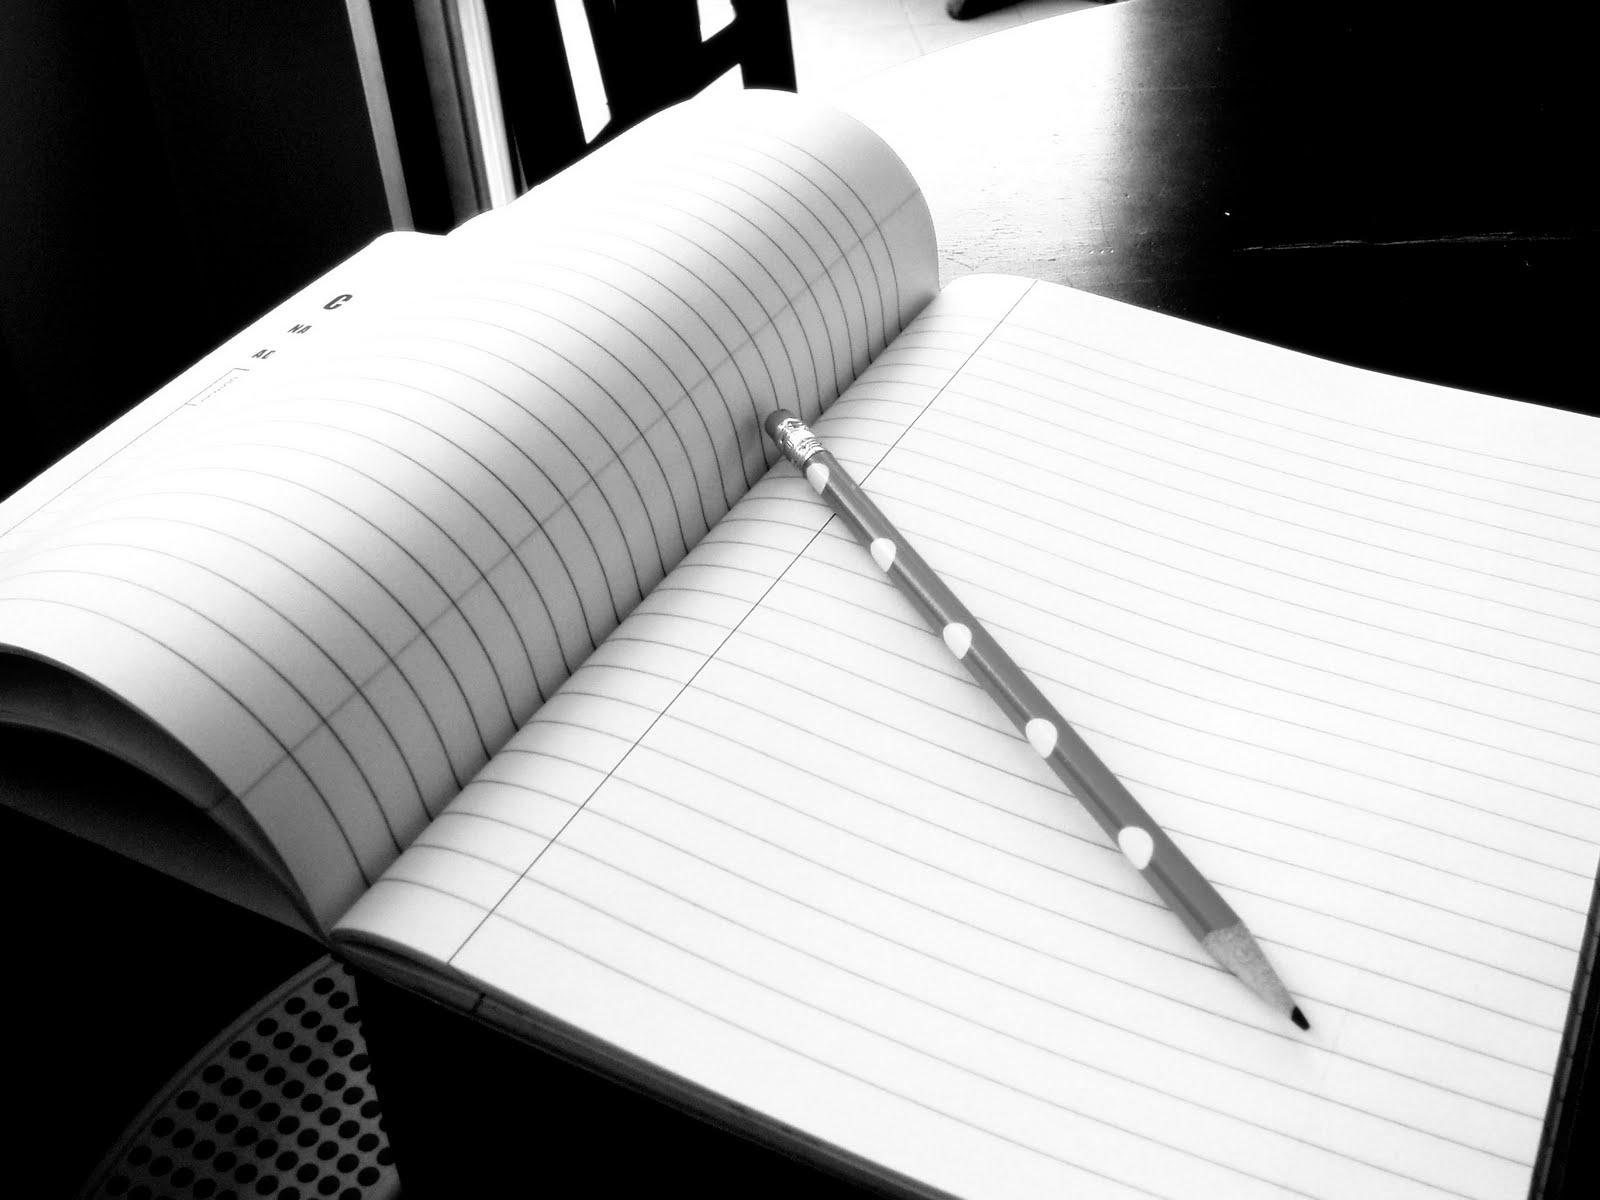 Tips on Essay Formatting